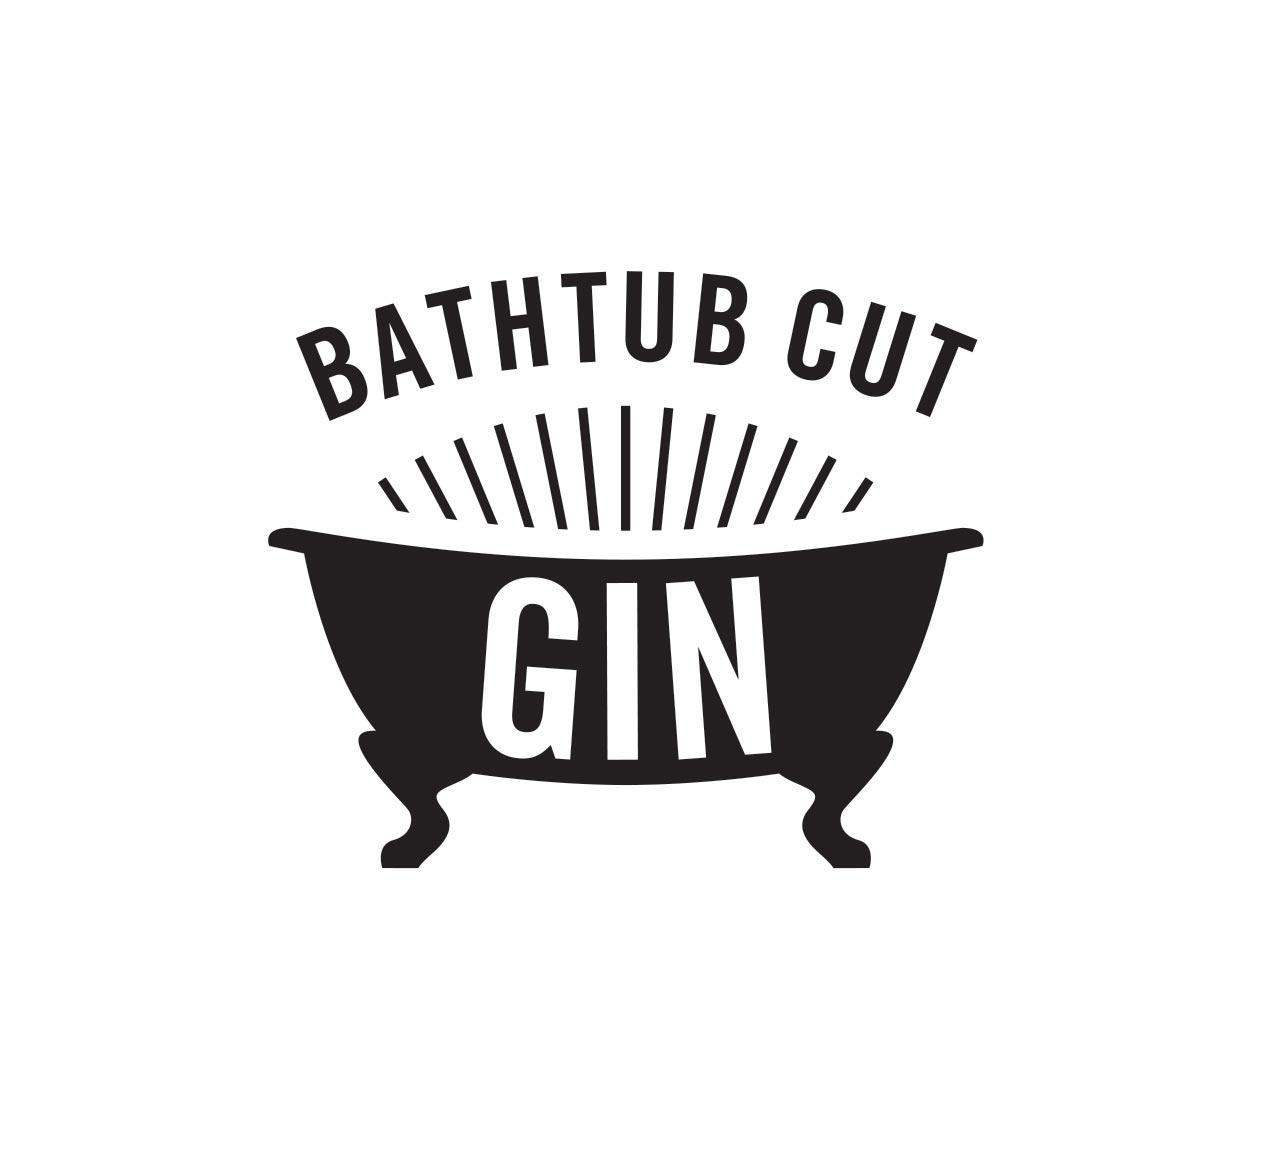 Prohibition Bathtub Cut Gin logo